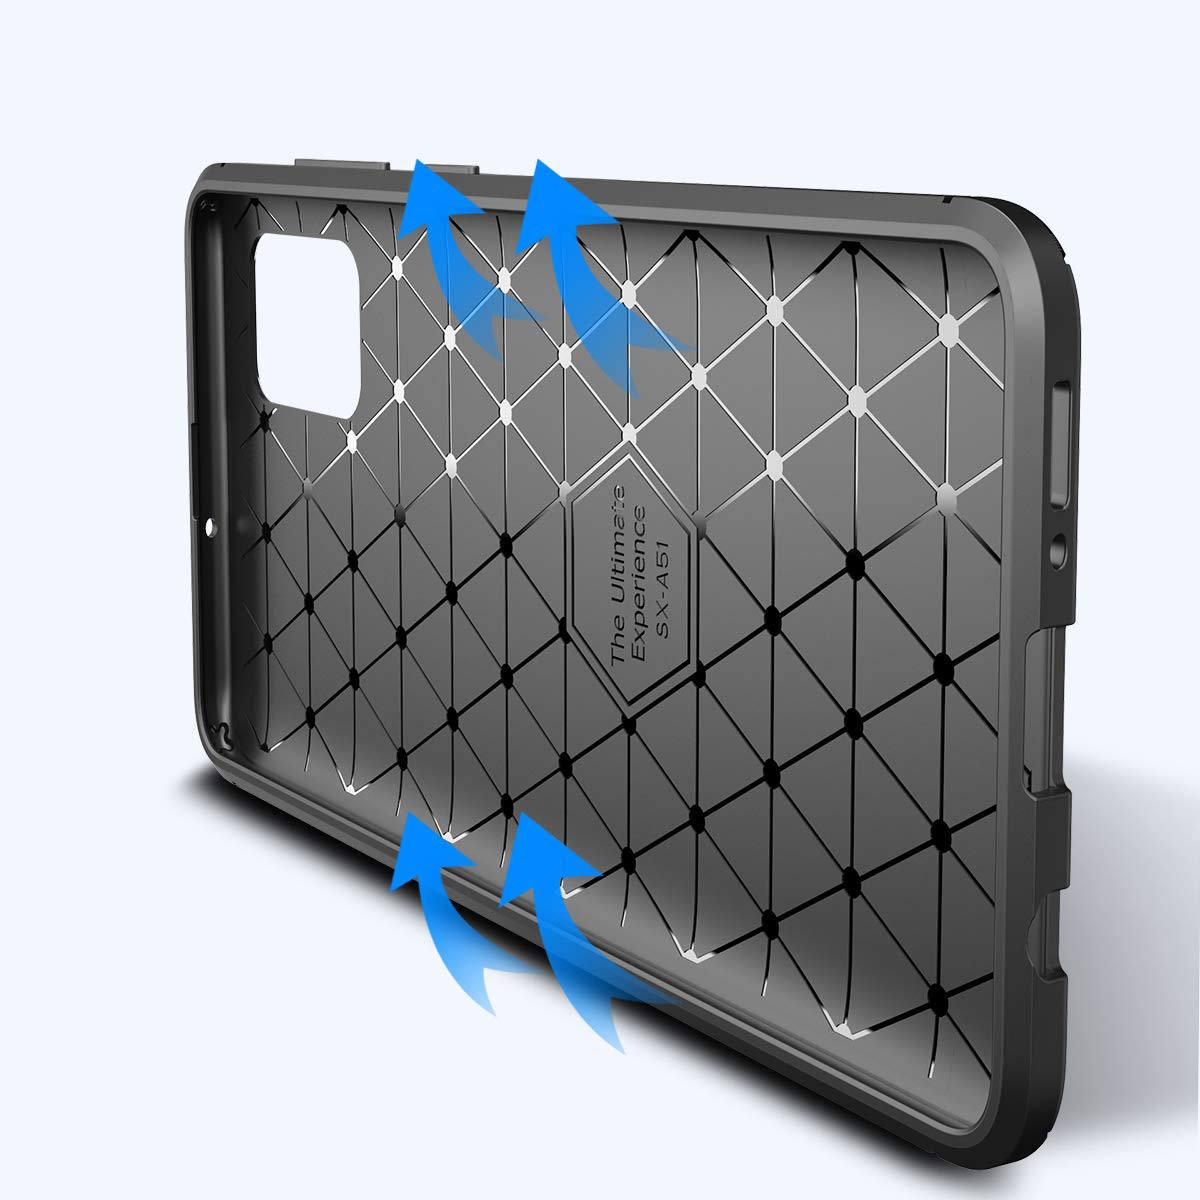 کاور لاین کینگ مدل A21 مناسب برای گوشی موبایل سامسونگ Galaxy A71 thumb 2 26